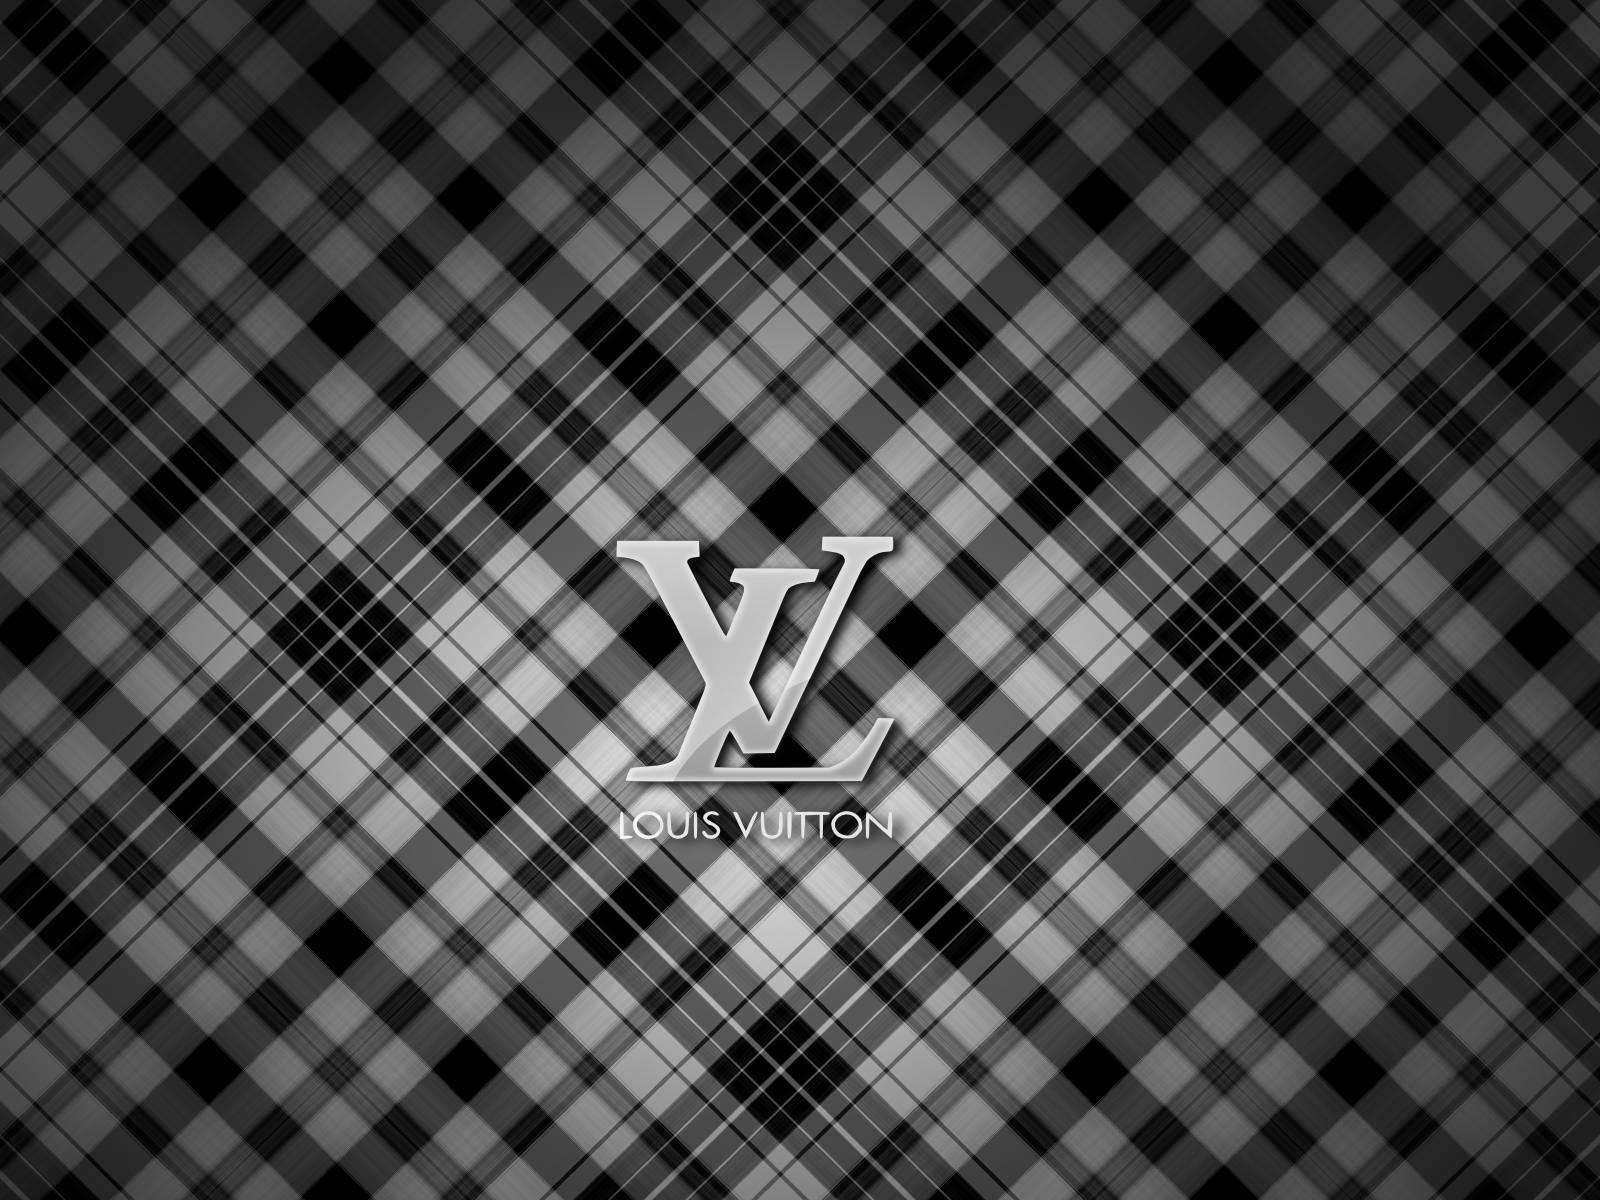 Download Fond Cran Louis Vuitton Taille Elle Wallpaper 1600x1200 ...